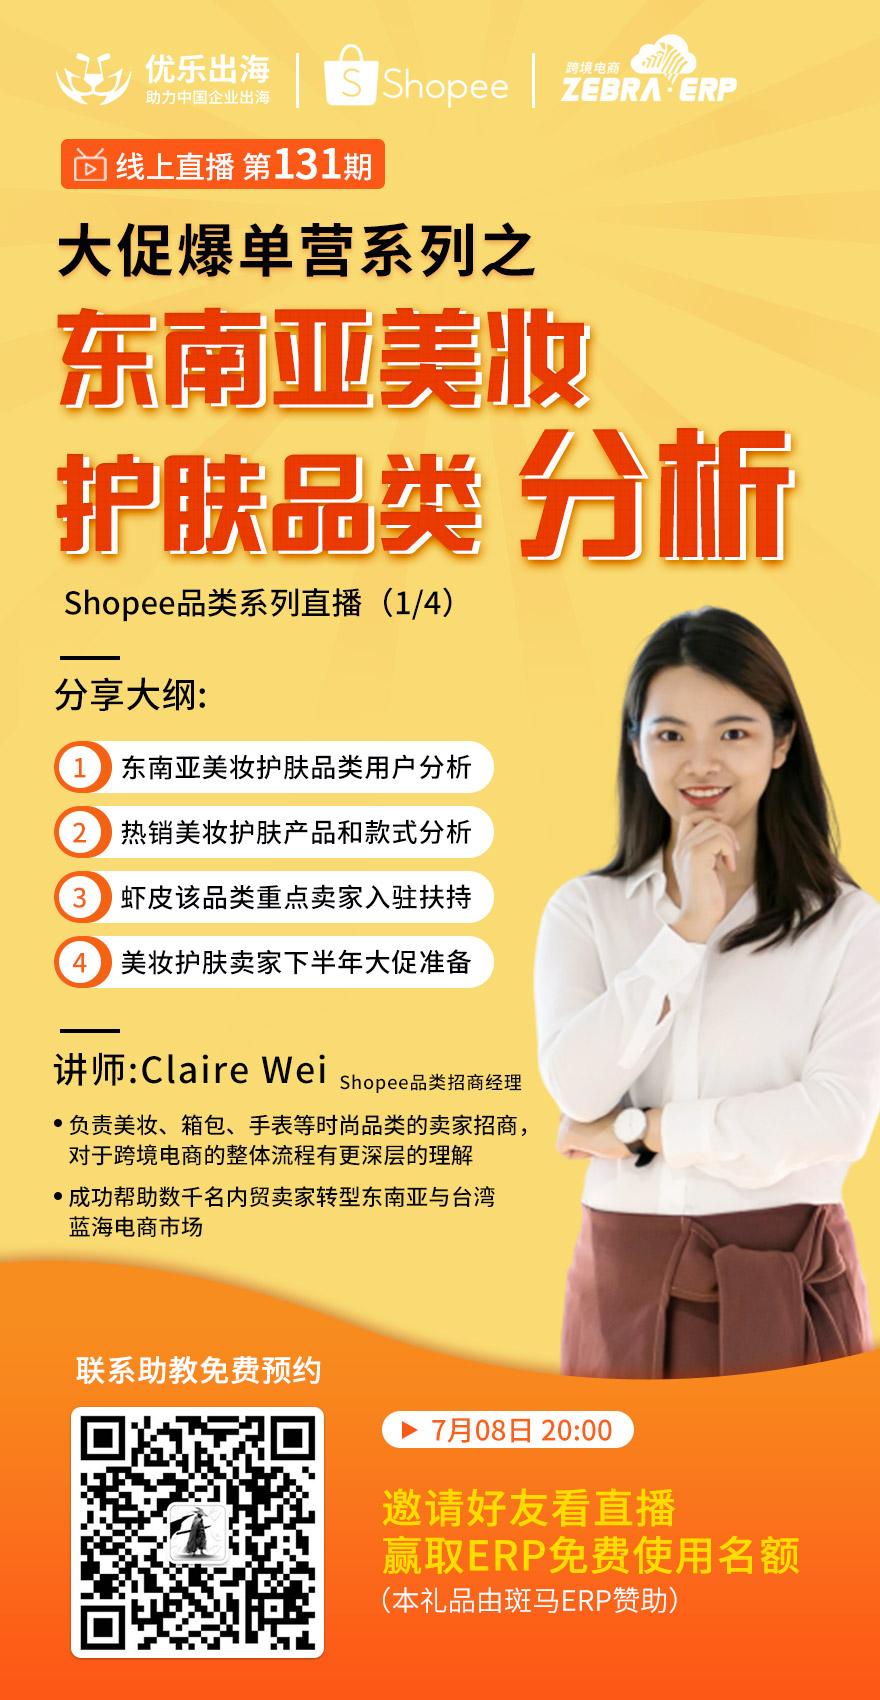 shopee东南亚美妆护肤品类怎么选出爆款?斑马联手shopee官方招商经理直播解答